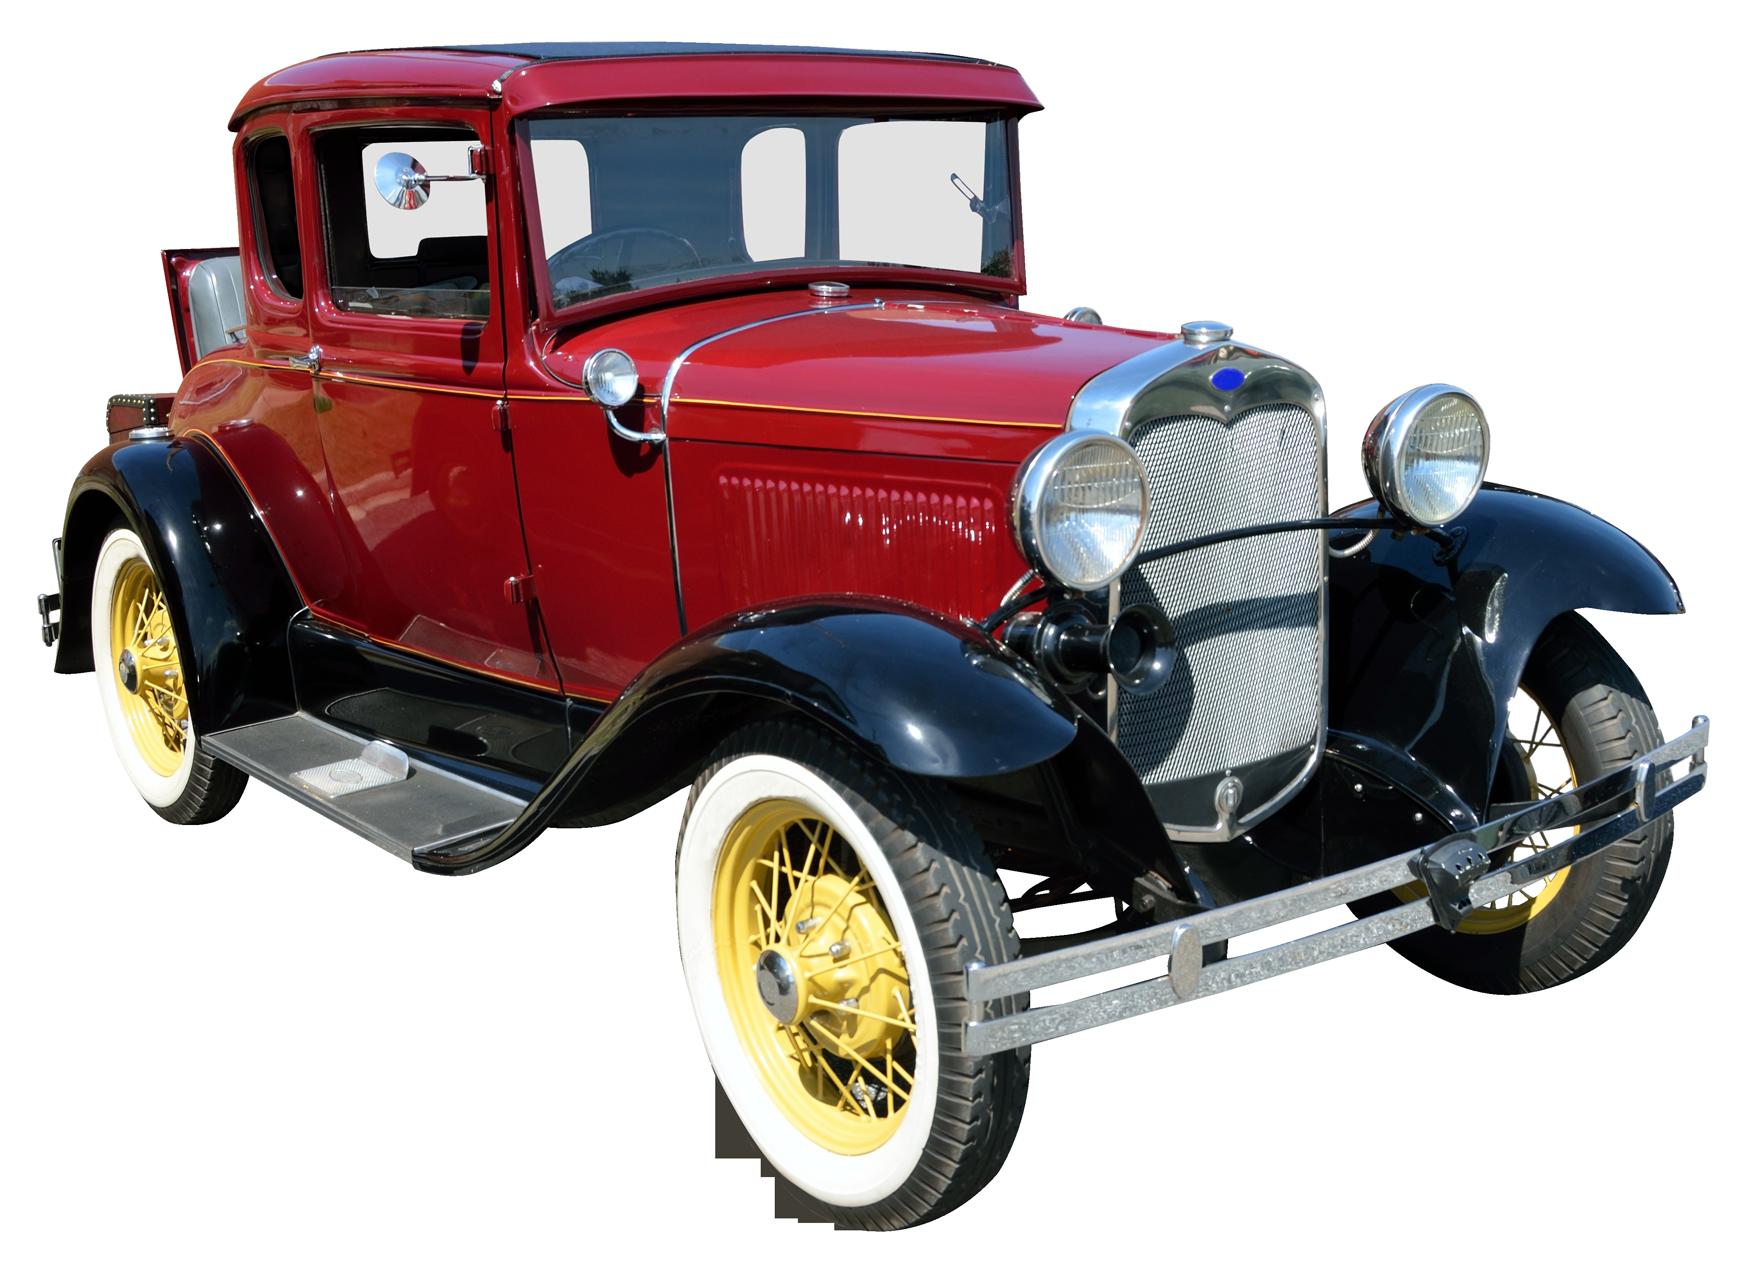 Vintage Car PNG Image